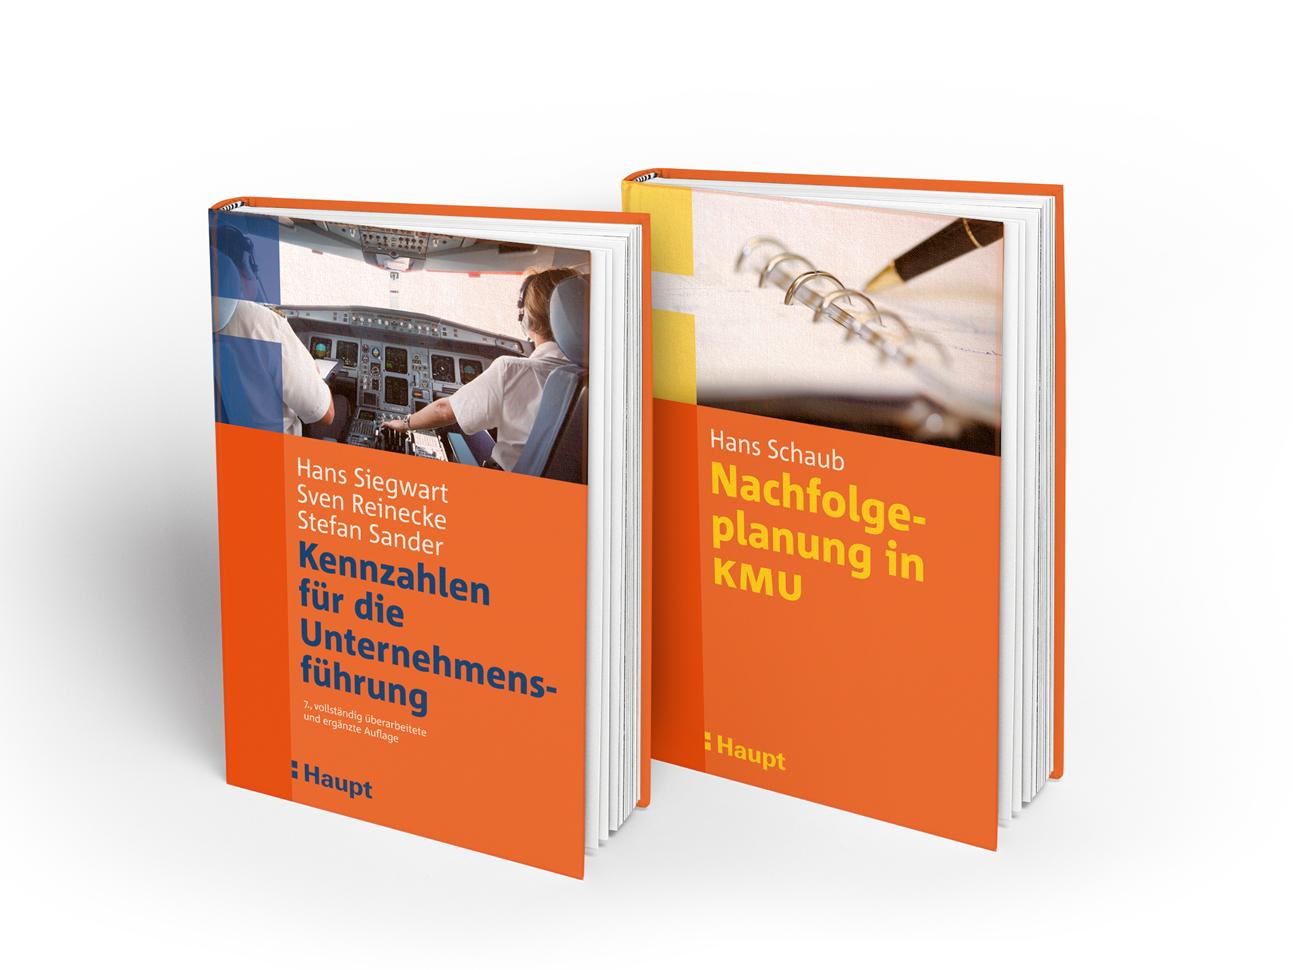 martin_zech_design_buchcovergestaltung_haupt_verlag_hans_schaub_nachfolgeplanung_hans_siegwart_kennzahlen